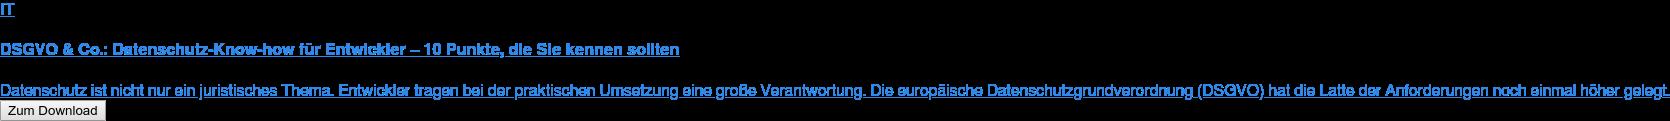 IT  DSGVO & Co.: Datenschutz-Know-how für Entwickler – 10 Punkte, die Sie kennen  sollten  Datenschutz ist nicht nur ein juristisches Thema. Entwickler tragen bei der  praktischen Umsetzung eine große Verantwortung. Die europäische  Datenschutzgrundverordnung (DSGVO) hat die Latte der Anforderungen noch einmal  höher gelegt. Zum Download